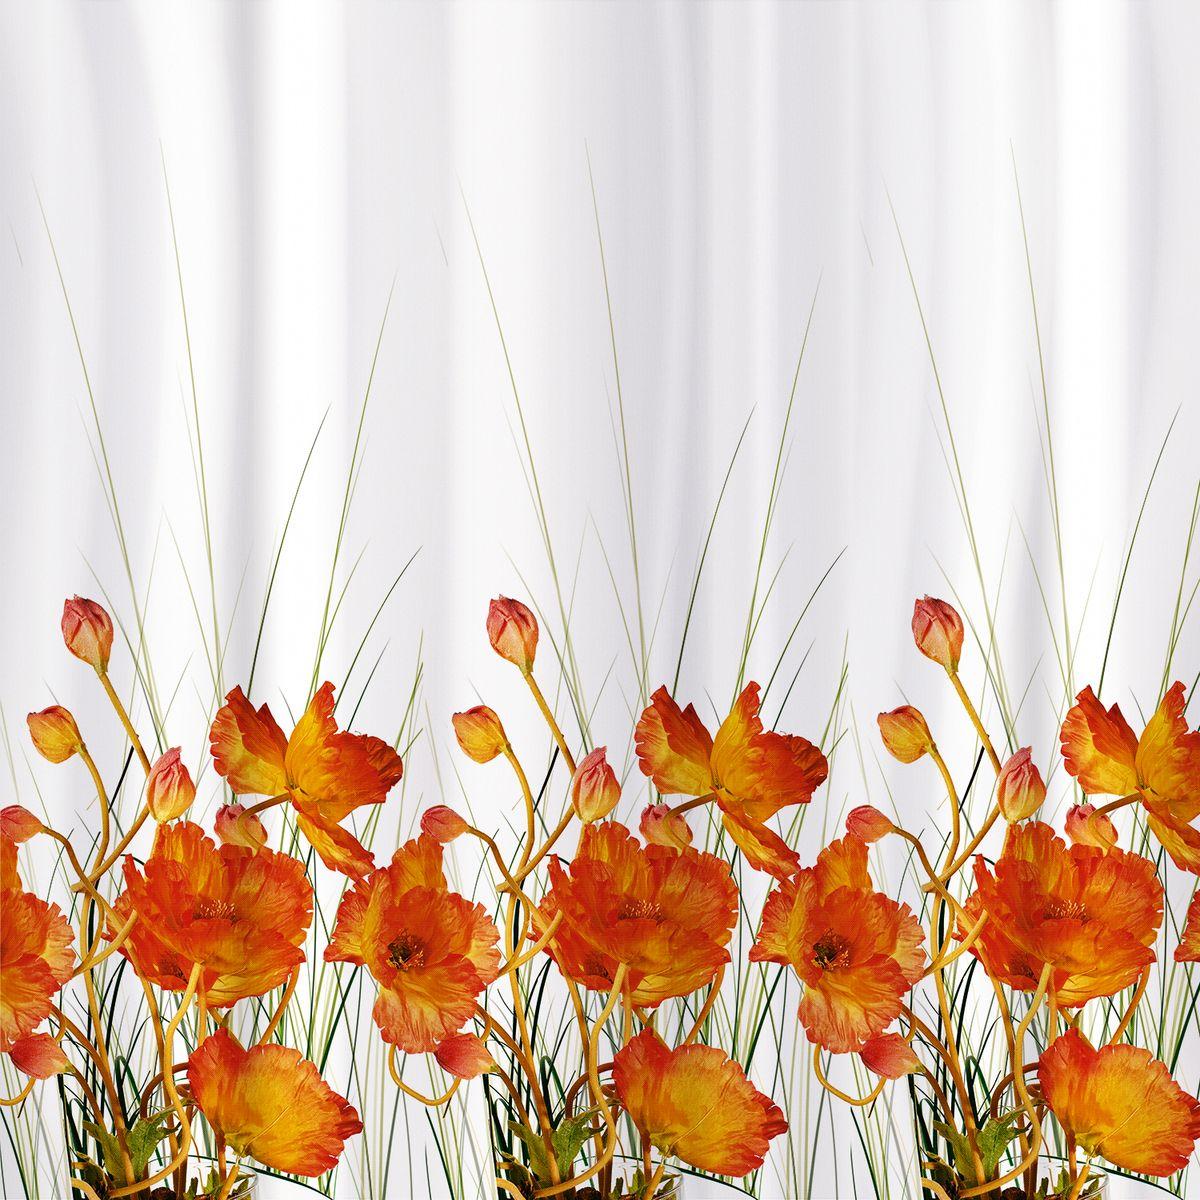 Штора для ванной Tatkraft French Poppies Textile, с водоотталкивающей пропиткой18006Tatkraft FRENCH POPPIES TEXTILE Тканевая штора для ванной комнаты. • Изделие имеет специальную водоотталкивающую пропитку и антигрибковое покрытие. • Штора быстро сохнет, легко моется и обладает повышенной износостойкостью. • В комплекте также имеется 12 пластиковых овальных колец. • Штора оснащена магнитами-утяжелителями для лучшей фиксации. • Мягкая и приятная на ощупь штора для ванной Tatkraft порадует вас своим ярким дизайном и добавит уюта в ванную комнату. • Можно стирать в стиральной машине при температуре 40°С.